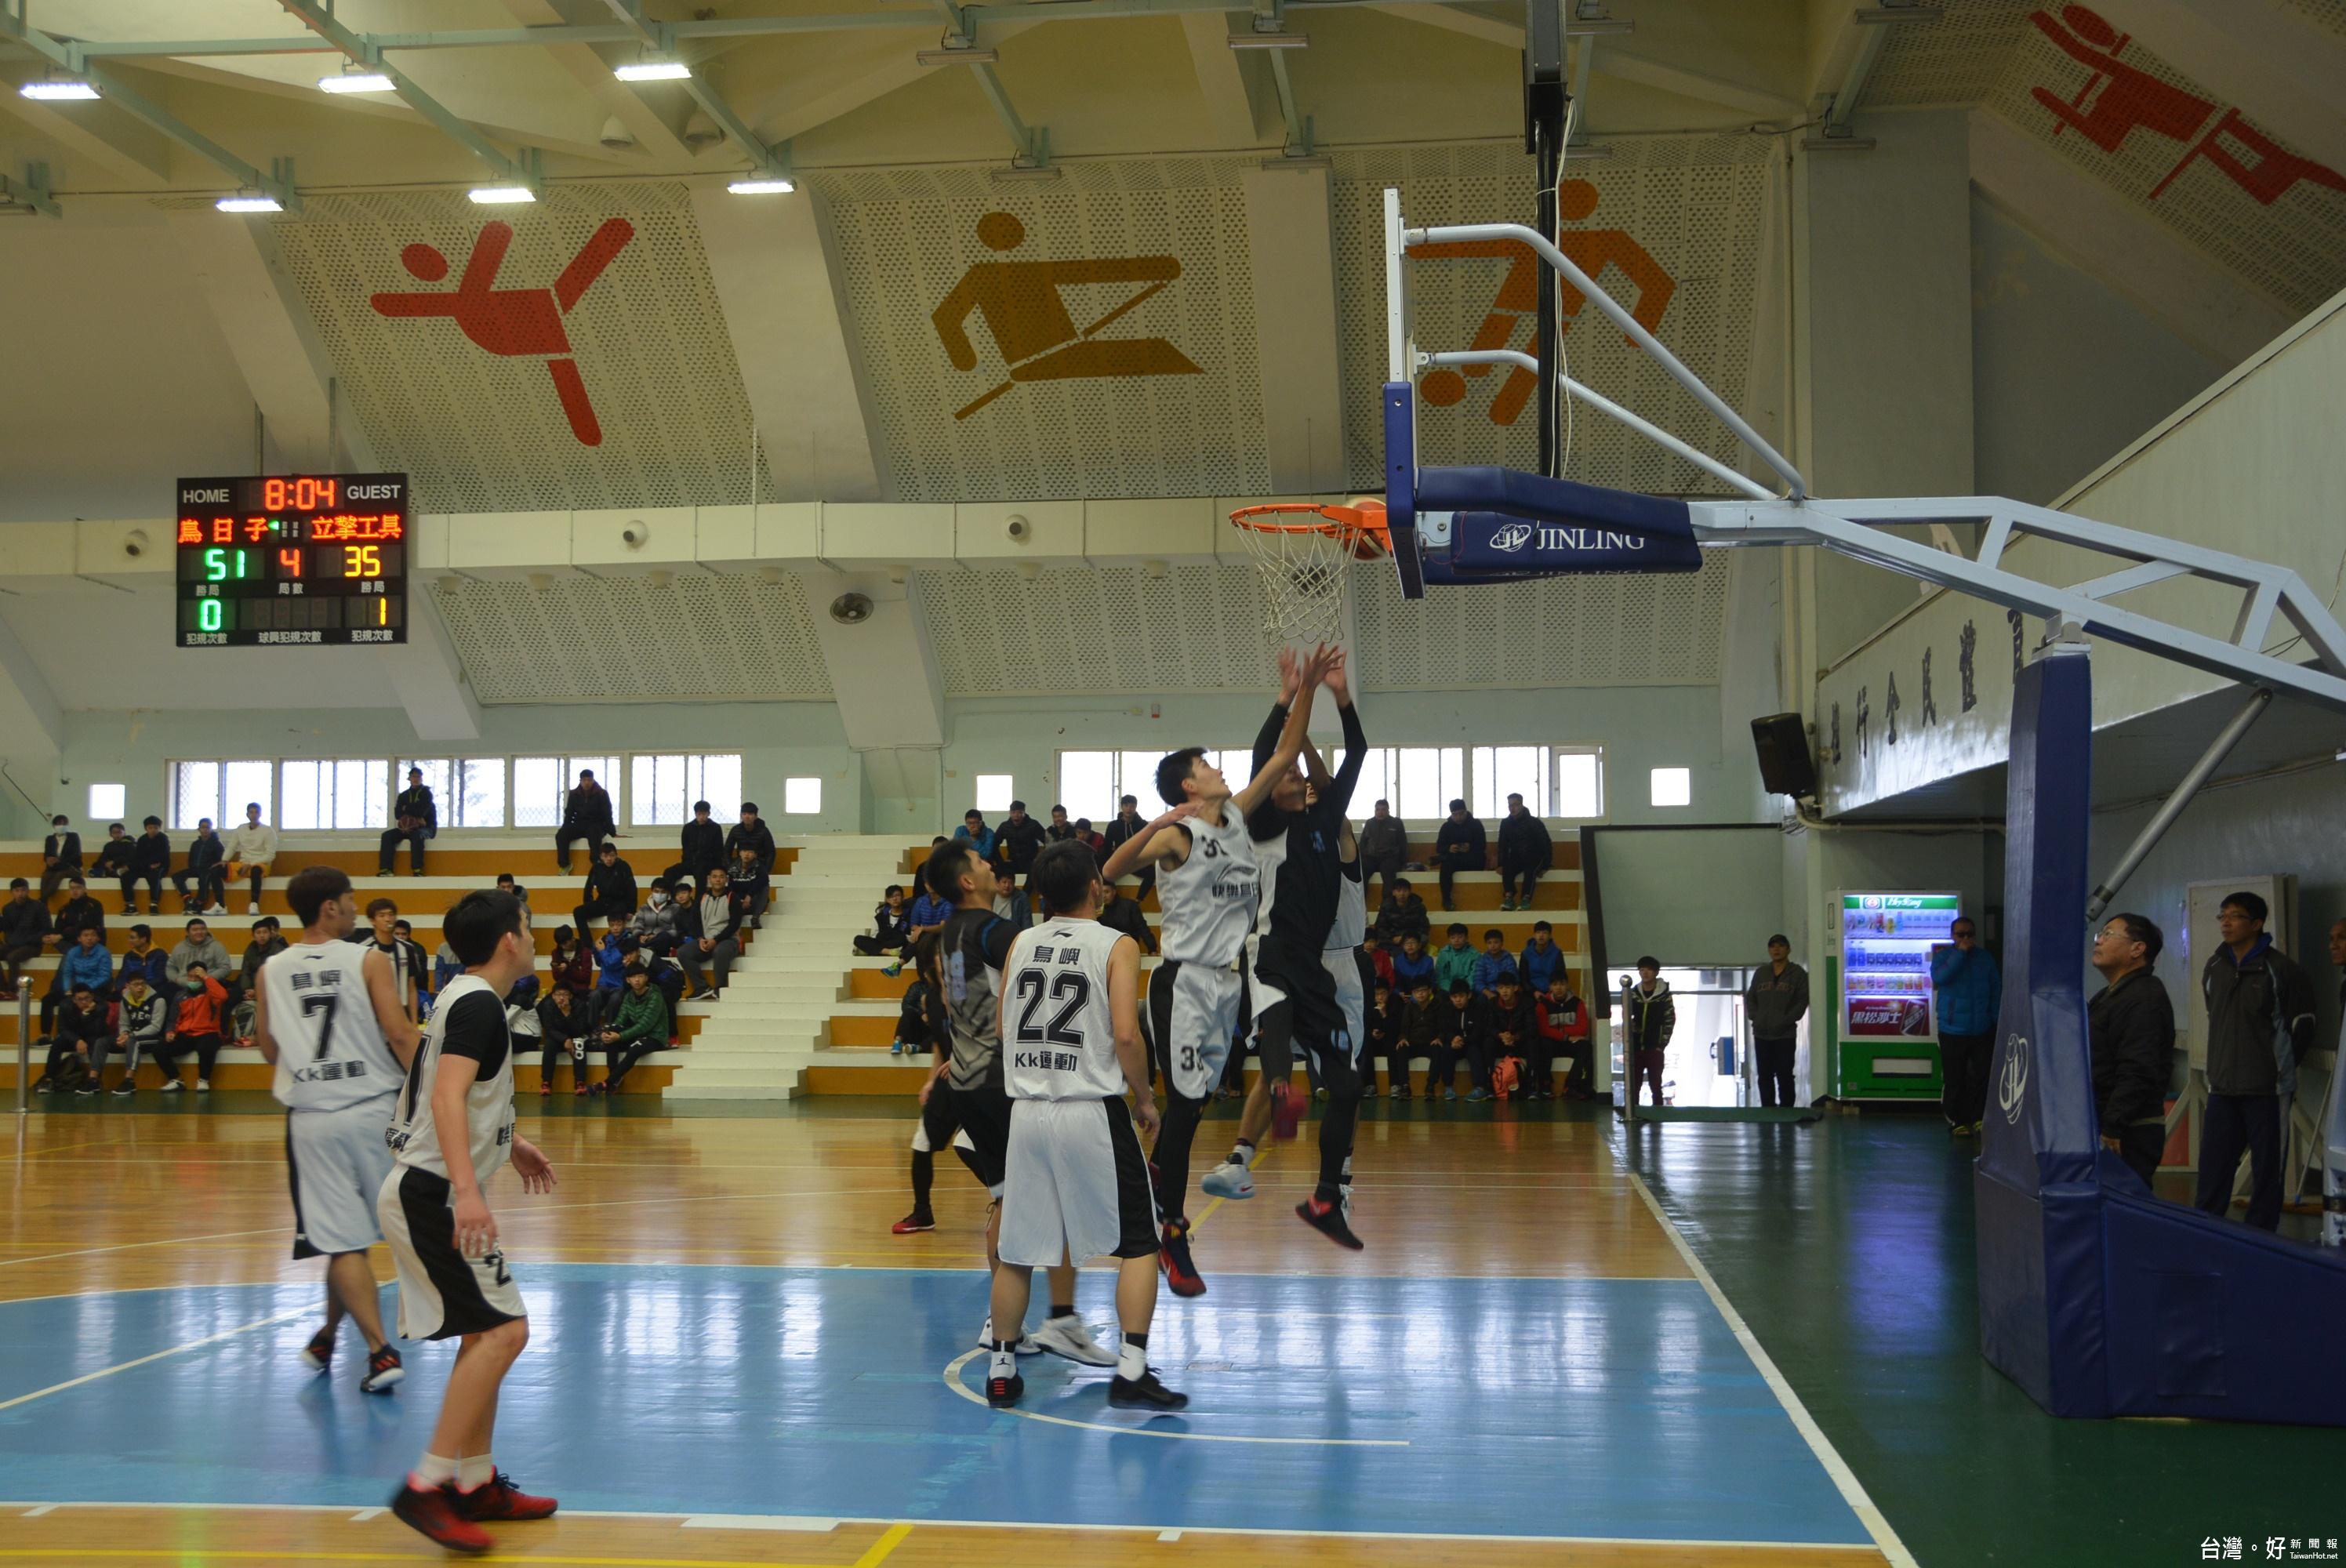 澎縣首長盃籃球錦標賽開打 76支隊伍齊聚較勁